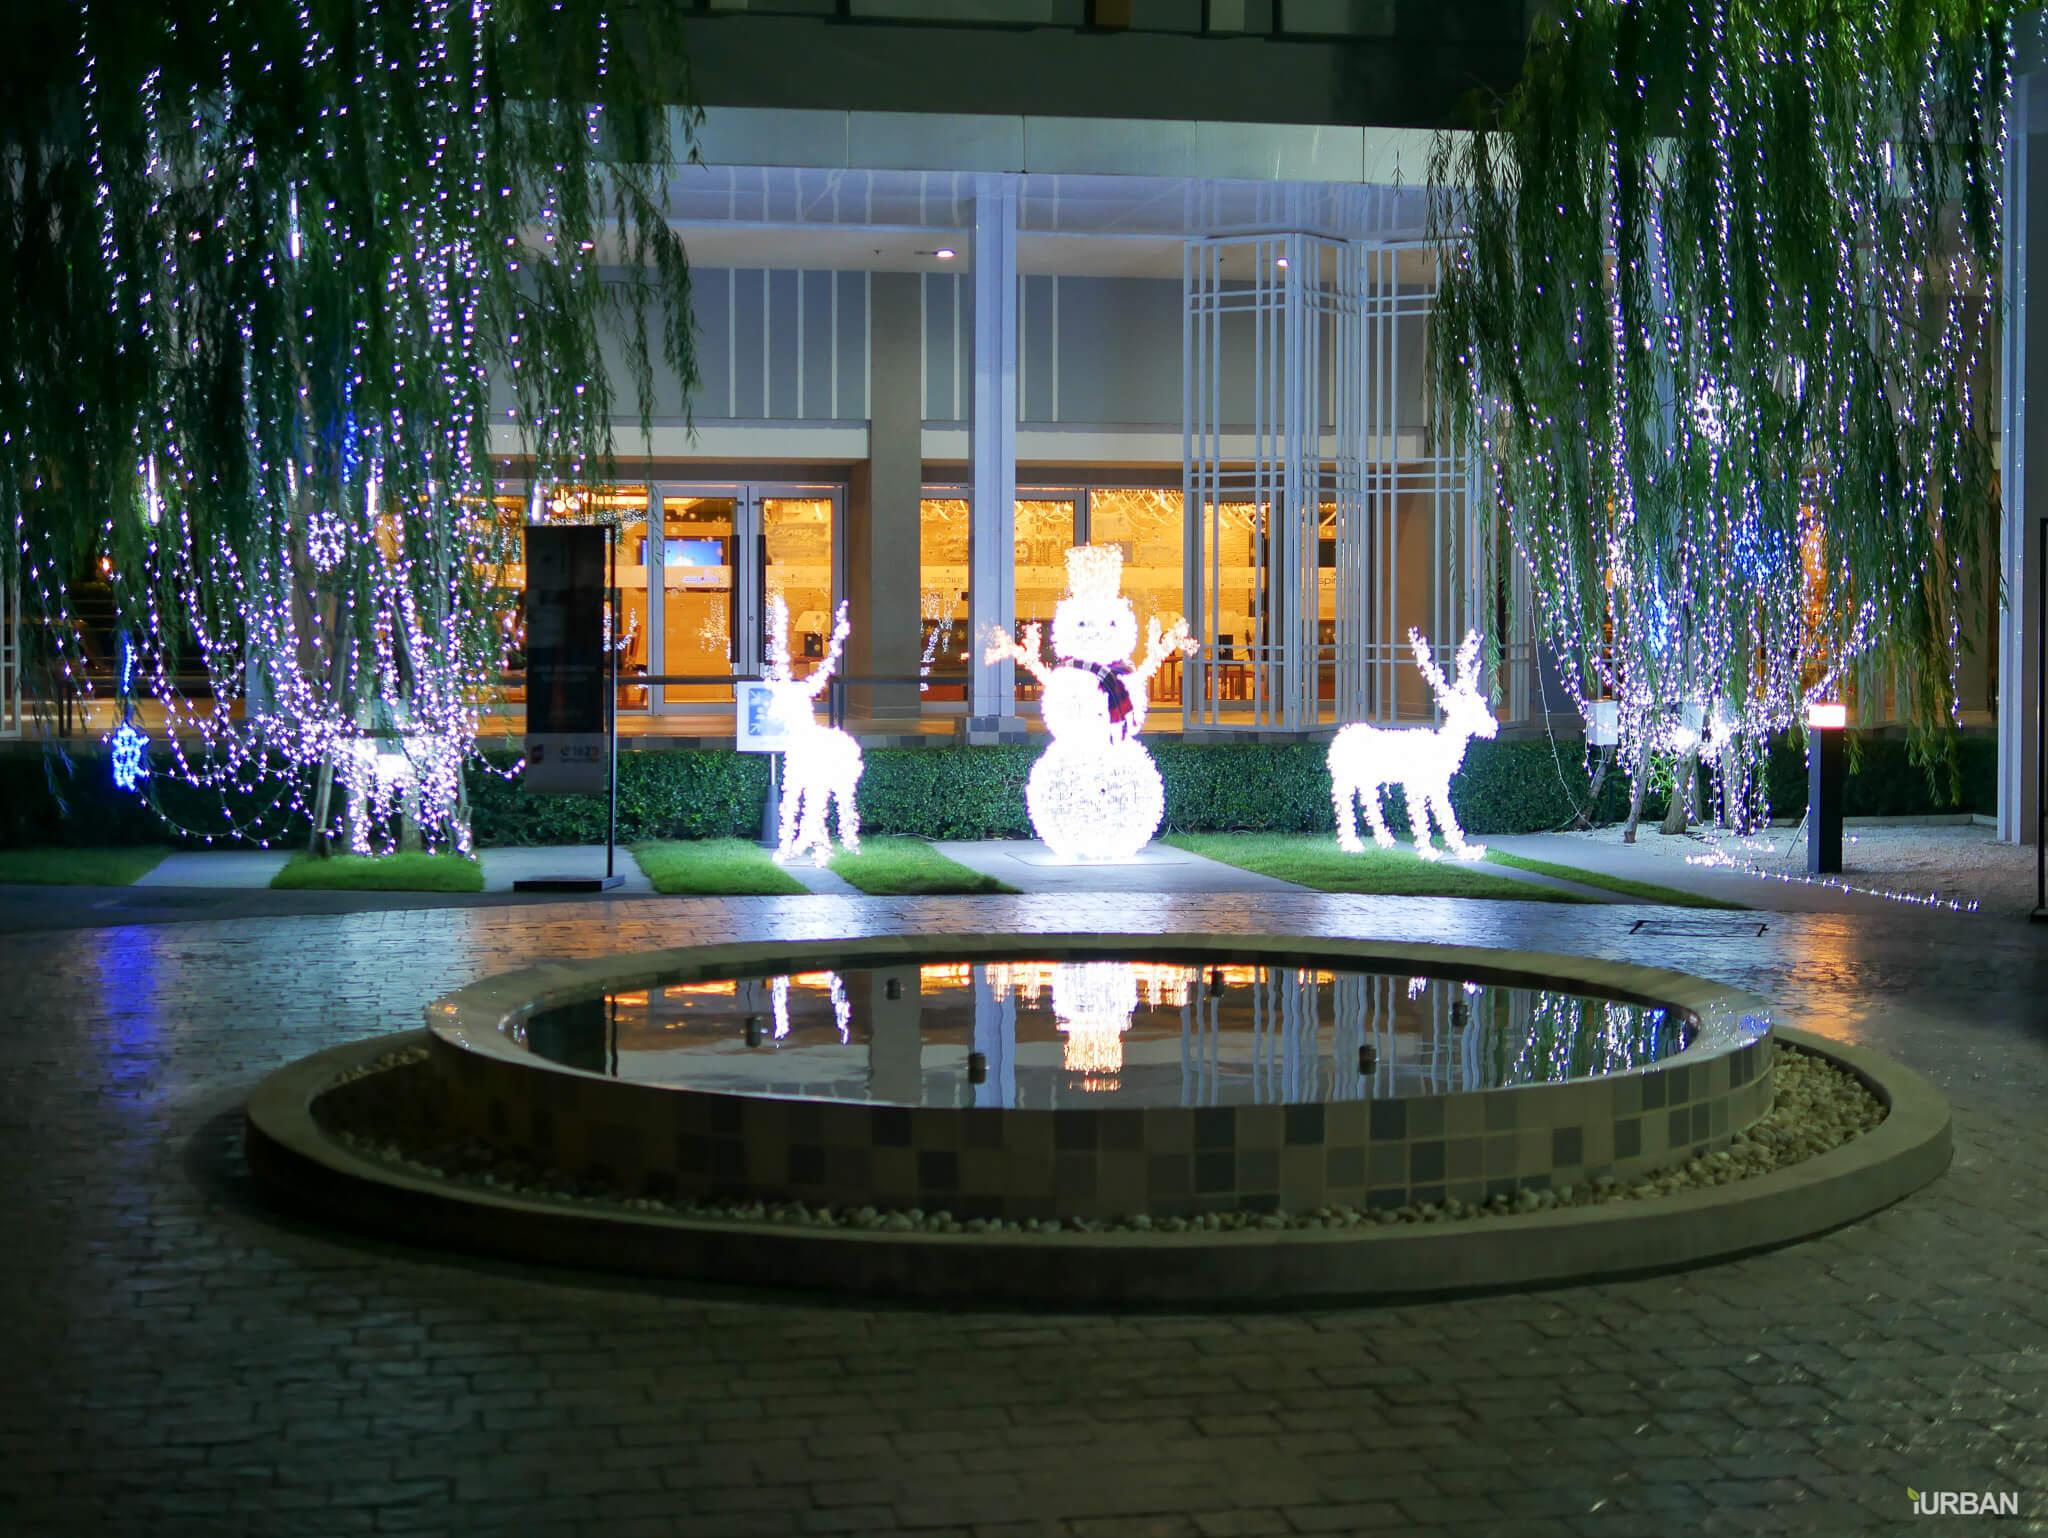 """10 เทคนิคถ่ายรูป ไฟปีใหม่-ไฟคริสต์มาส ด้วย """"กล้องมือถือ"""" ยังไงให้ปัง 36 - AP (Thailand) - เอพี (ไทยแลนด์)"""